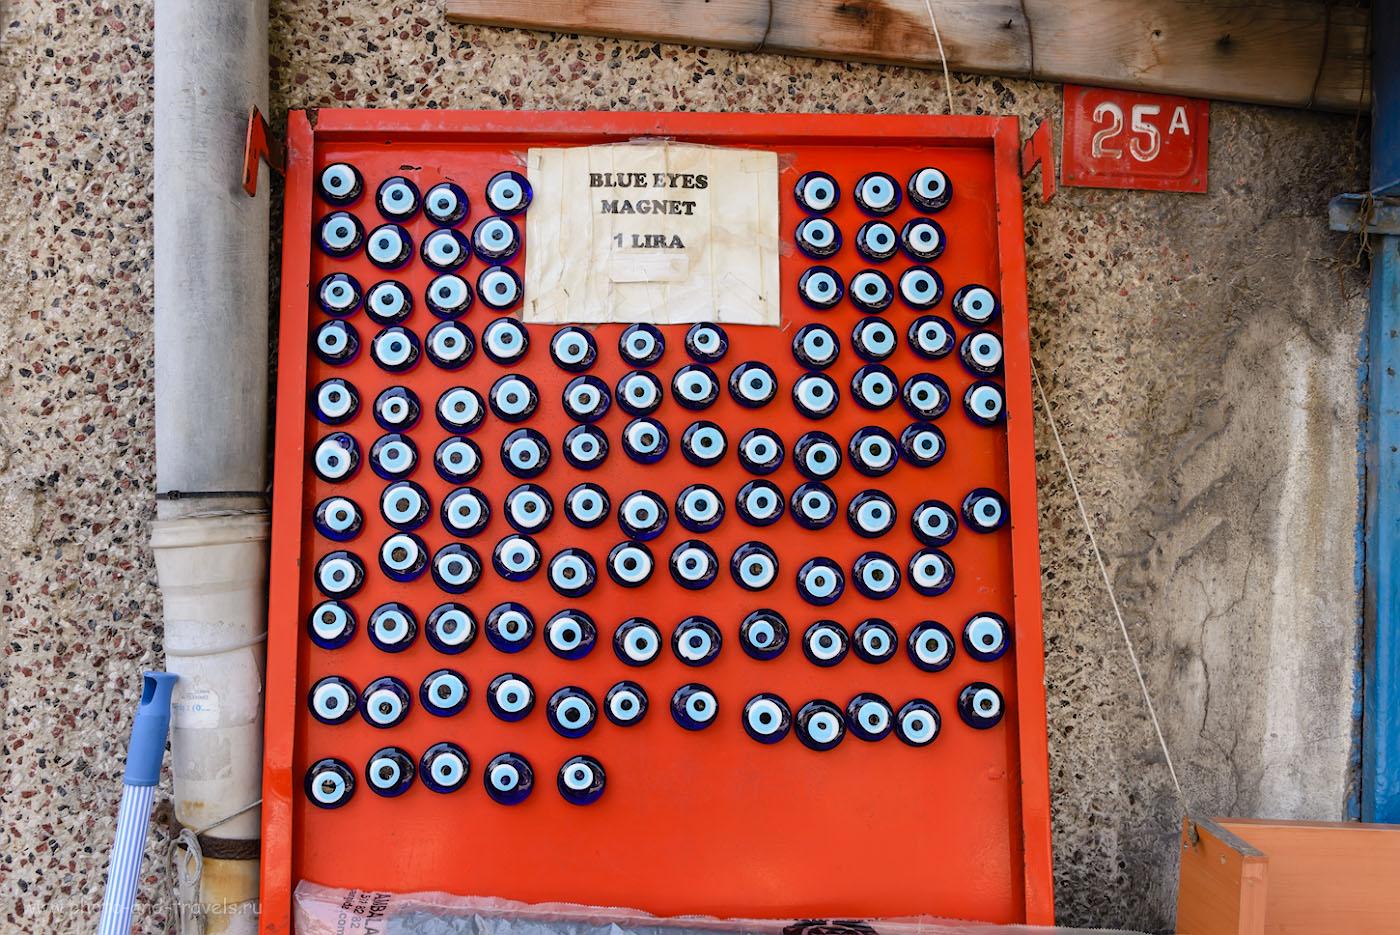 Фото 18. Амулет от сглаза «Назар Бонджук» (Nazar boncuk), глаз Фатимы. Отчет о прогулке по старым улицам Стамбула во время поездки в Турцию. 1/80, 8.0, 200, 32.